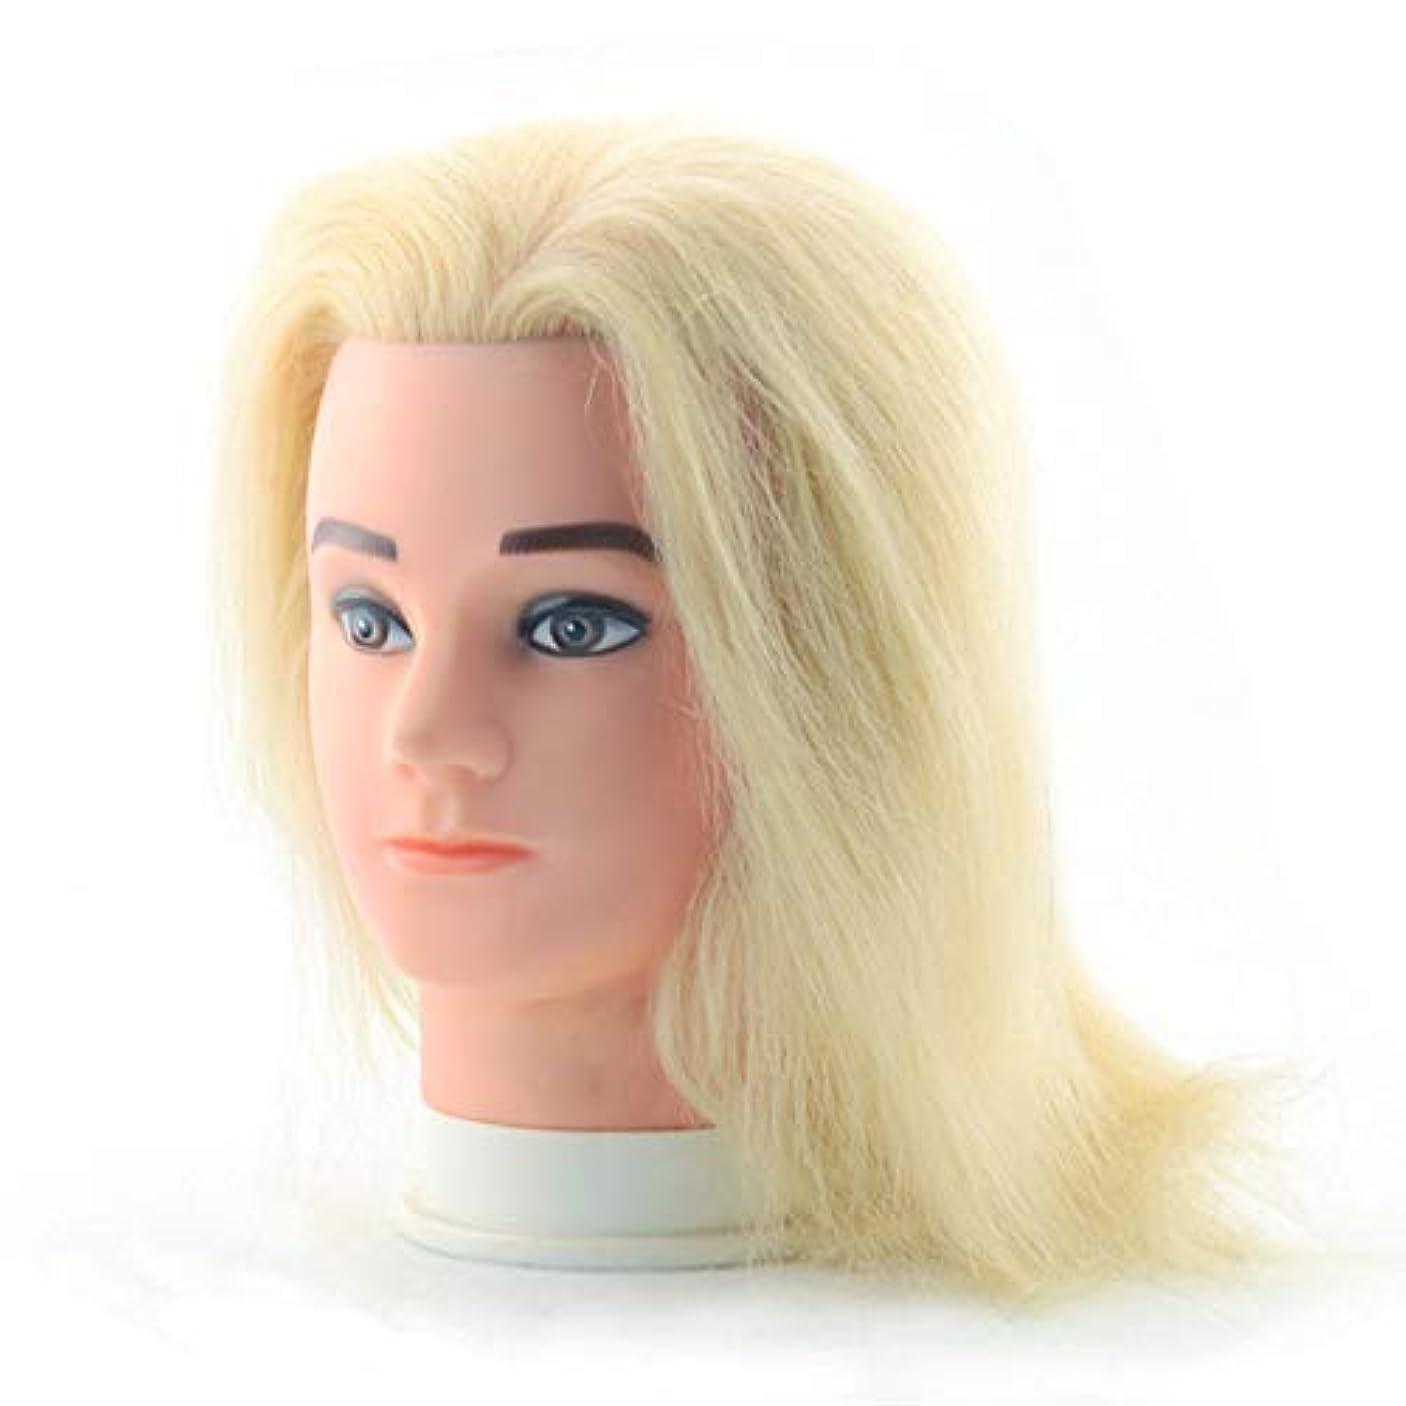 苦情文句合併証明書理髪店の男性の化粧本物の人の毛のダミーの頭の編集ヘアプラクティスモデルの頭を染色することができます頭金